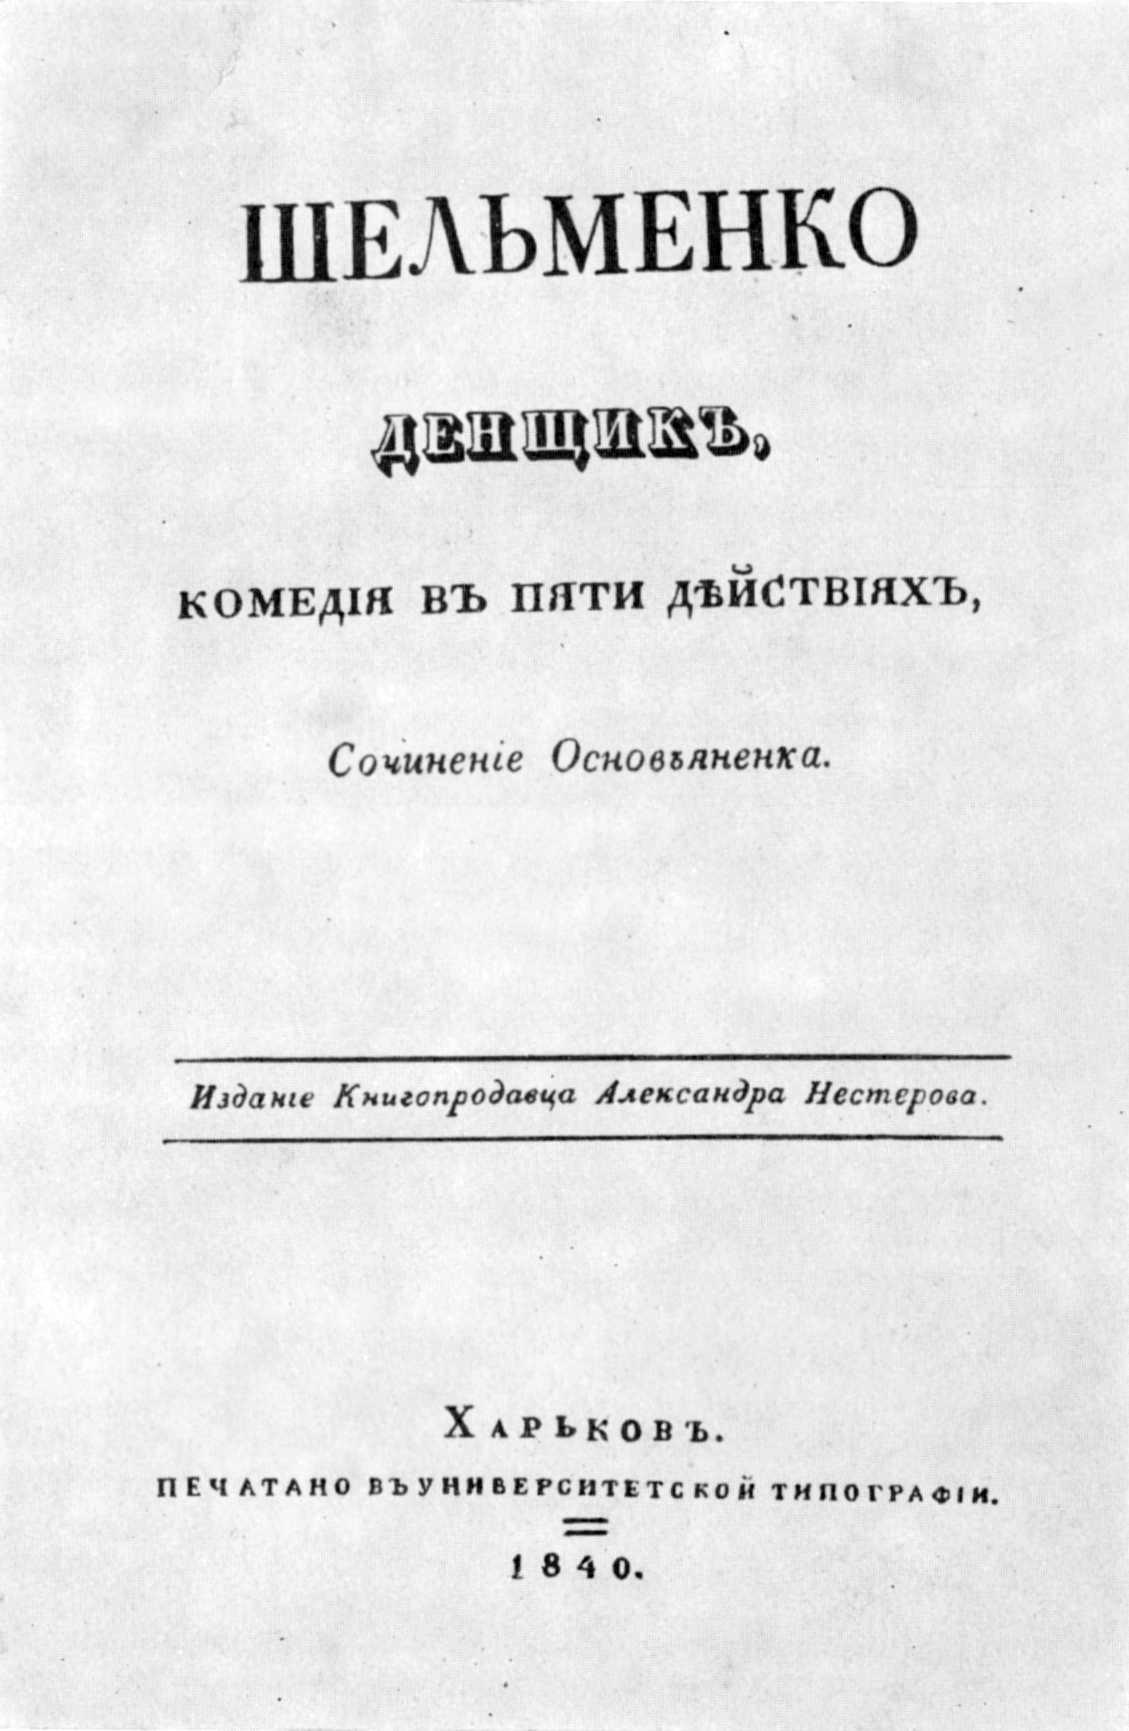 «Шельменко – денщик», видання 1840 р.